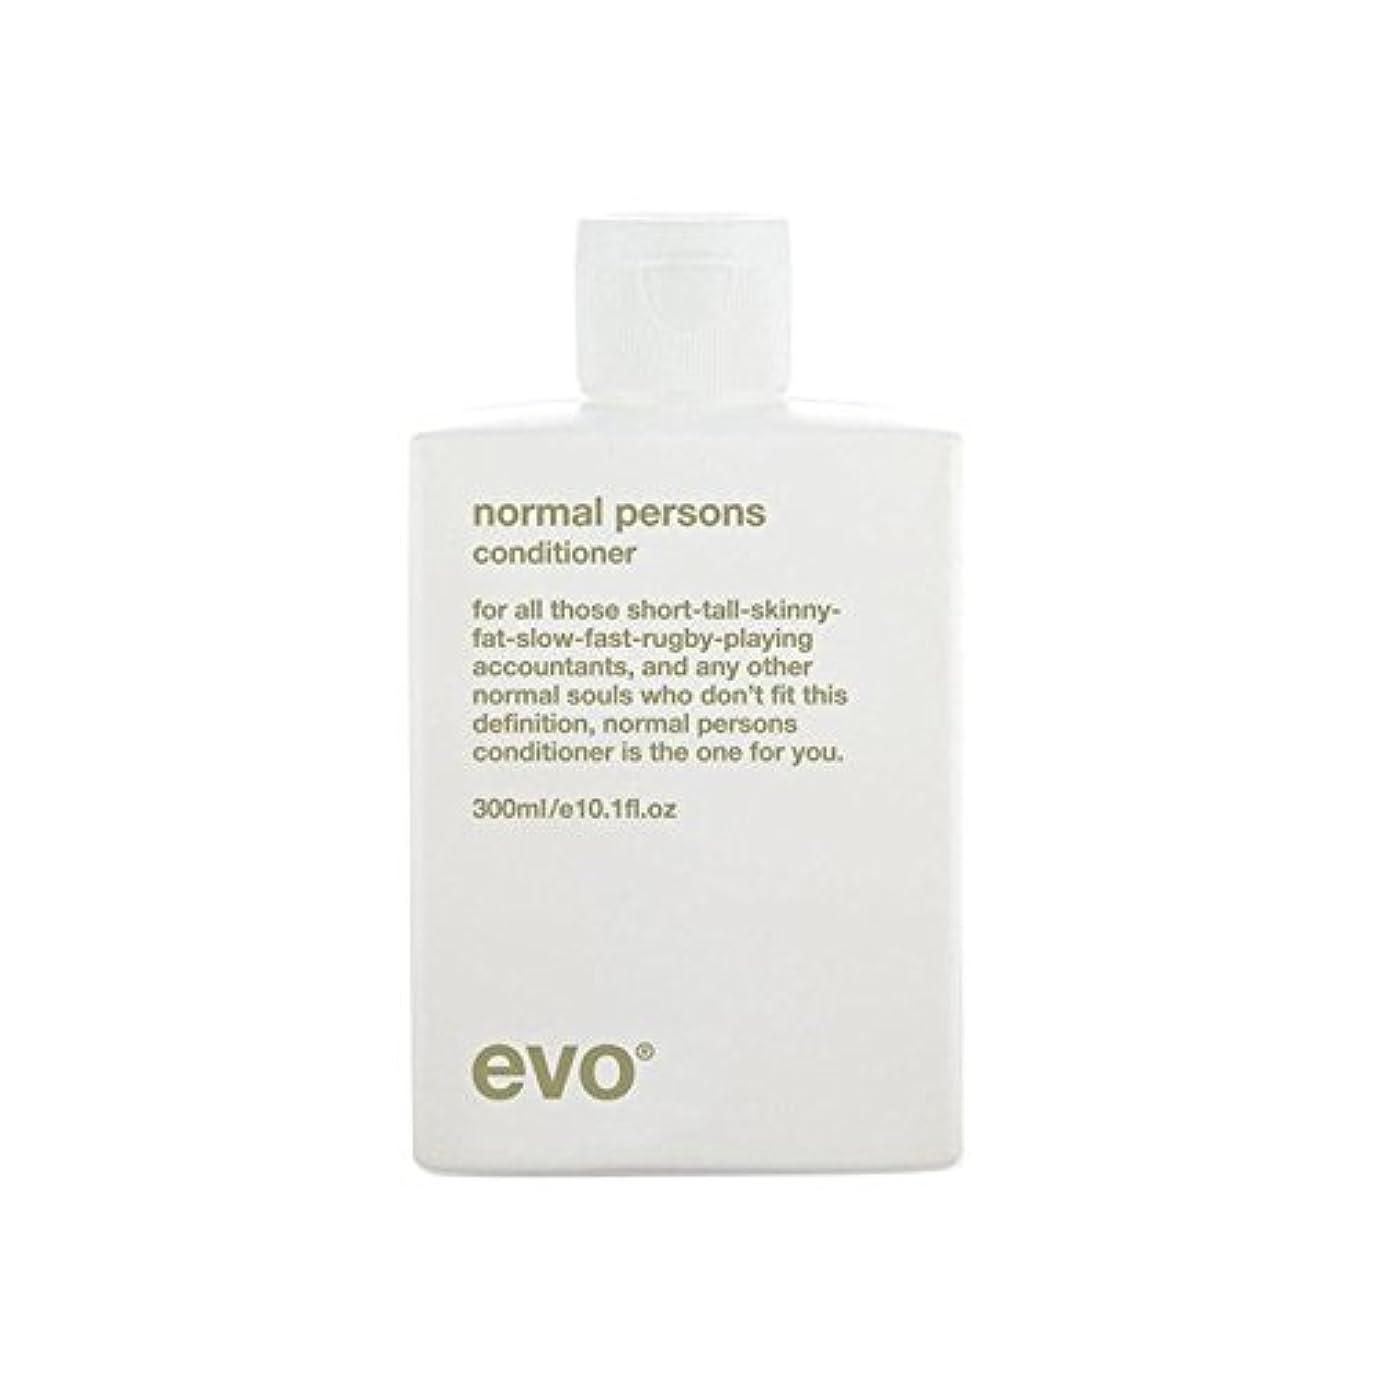 真鍮要塞約Evo Normal Persons Conditioner (300ml) - エボ正常人コンディショナー(300ミリリットル) [並行輸入品]